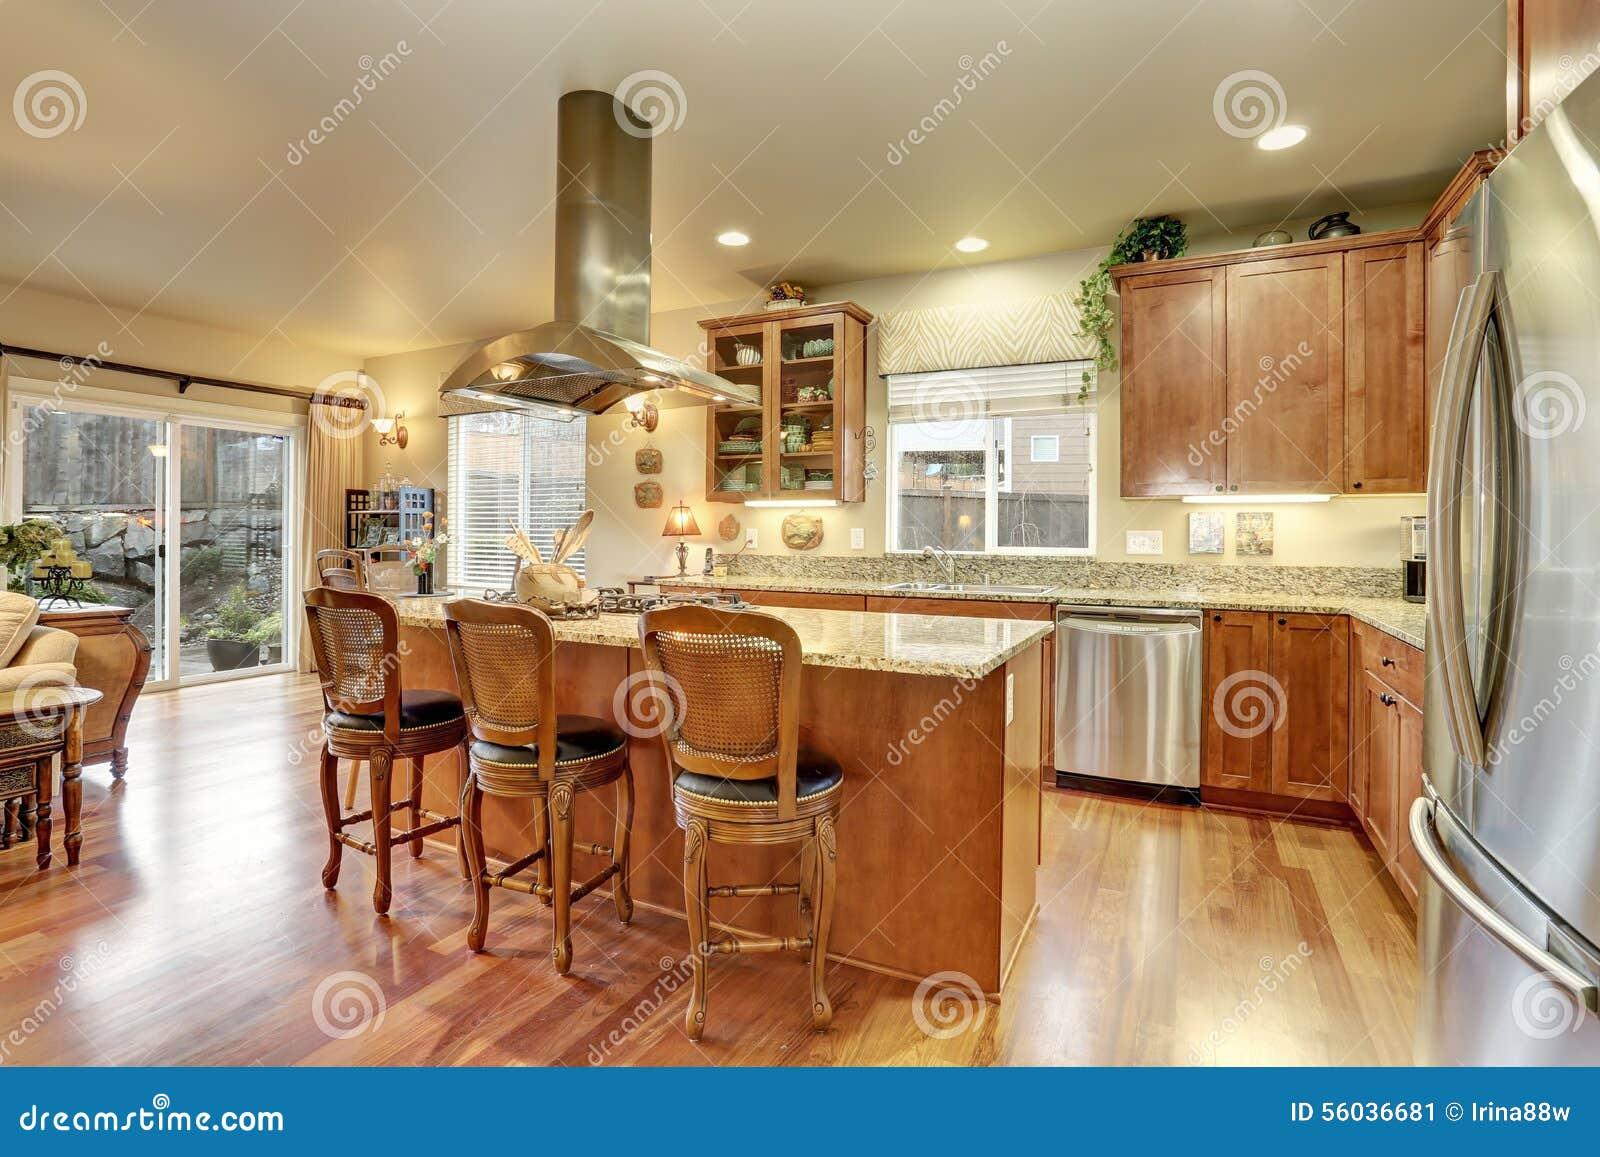 Cozinha Perfeita Com Assoalho E Ilha De Folhosa Imagem De Stock